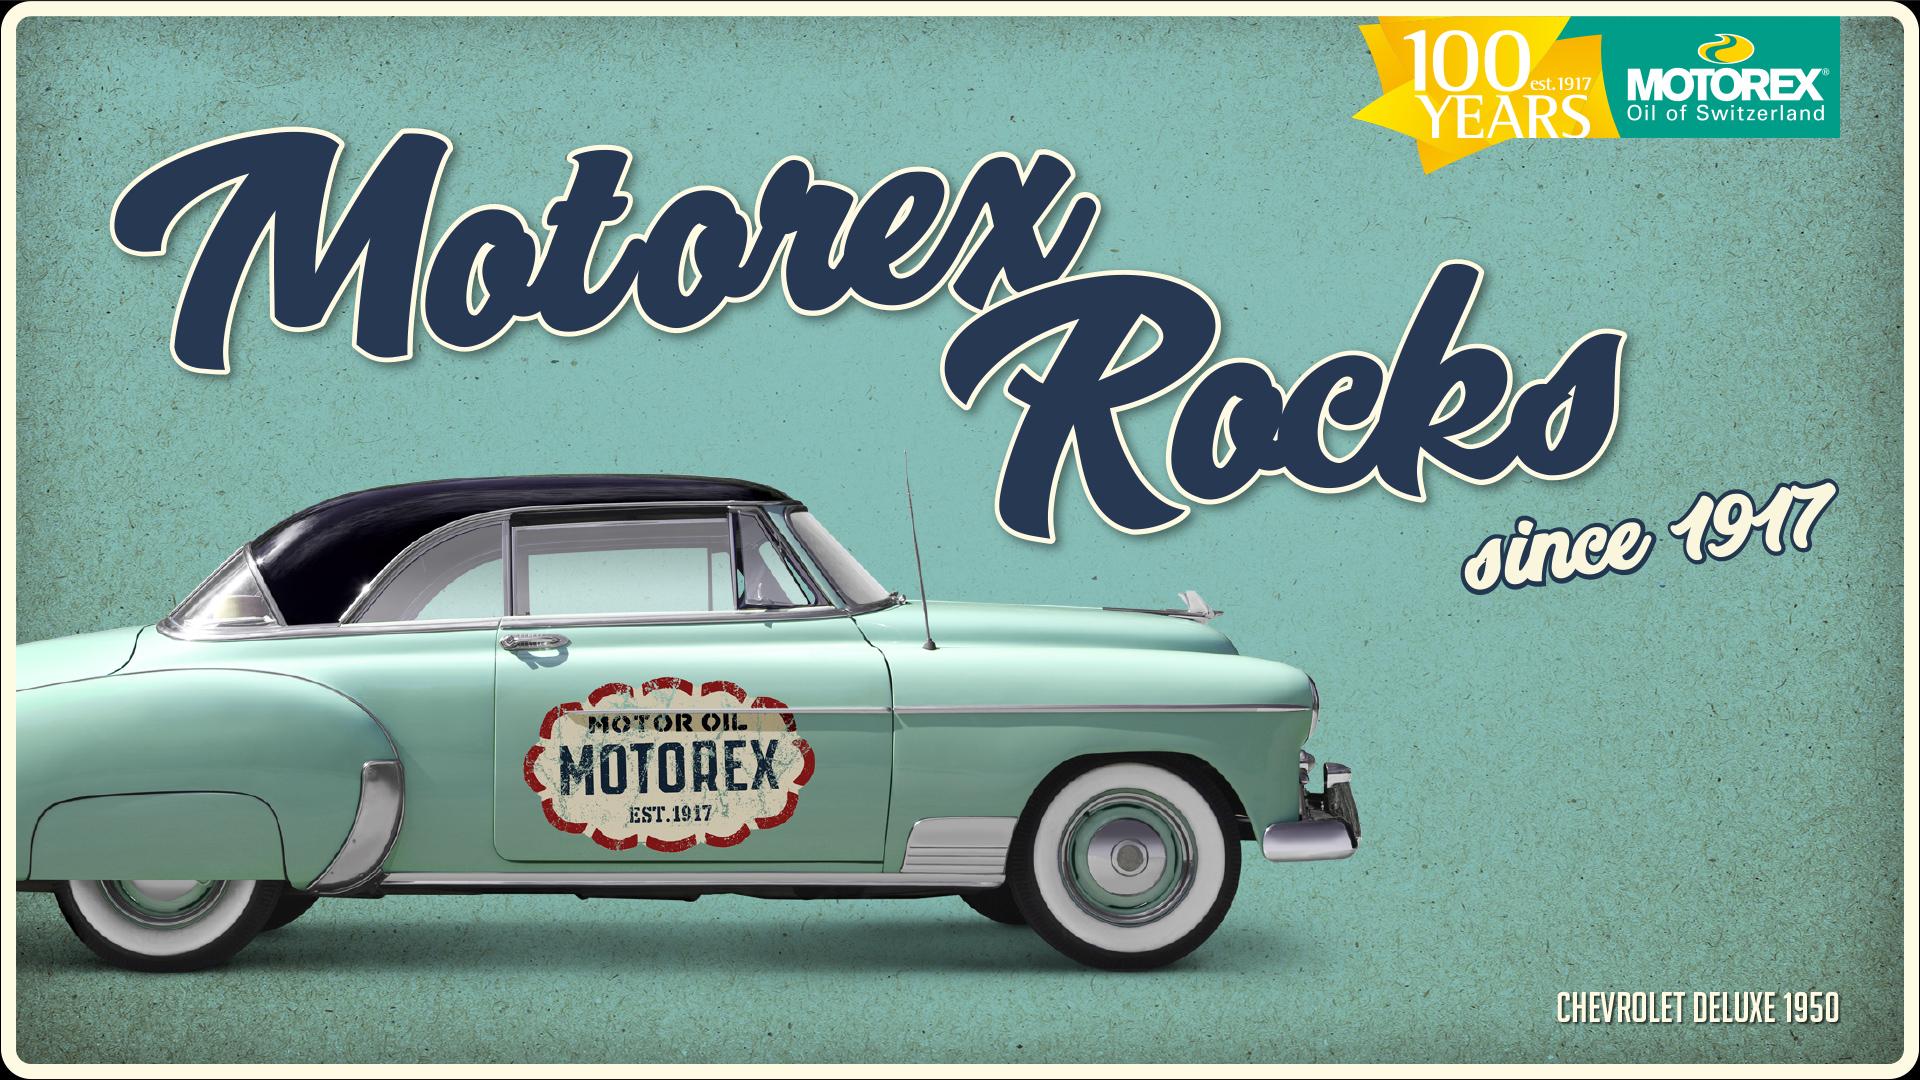 Bild 1 vom MOTOREX Autosalon 17